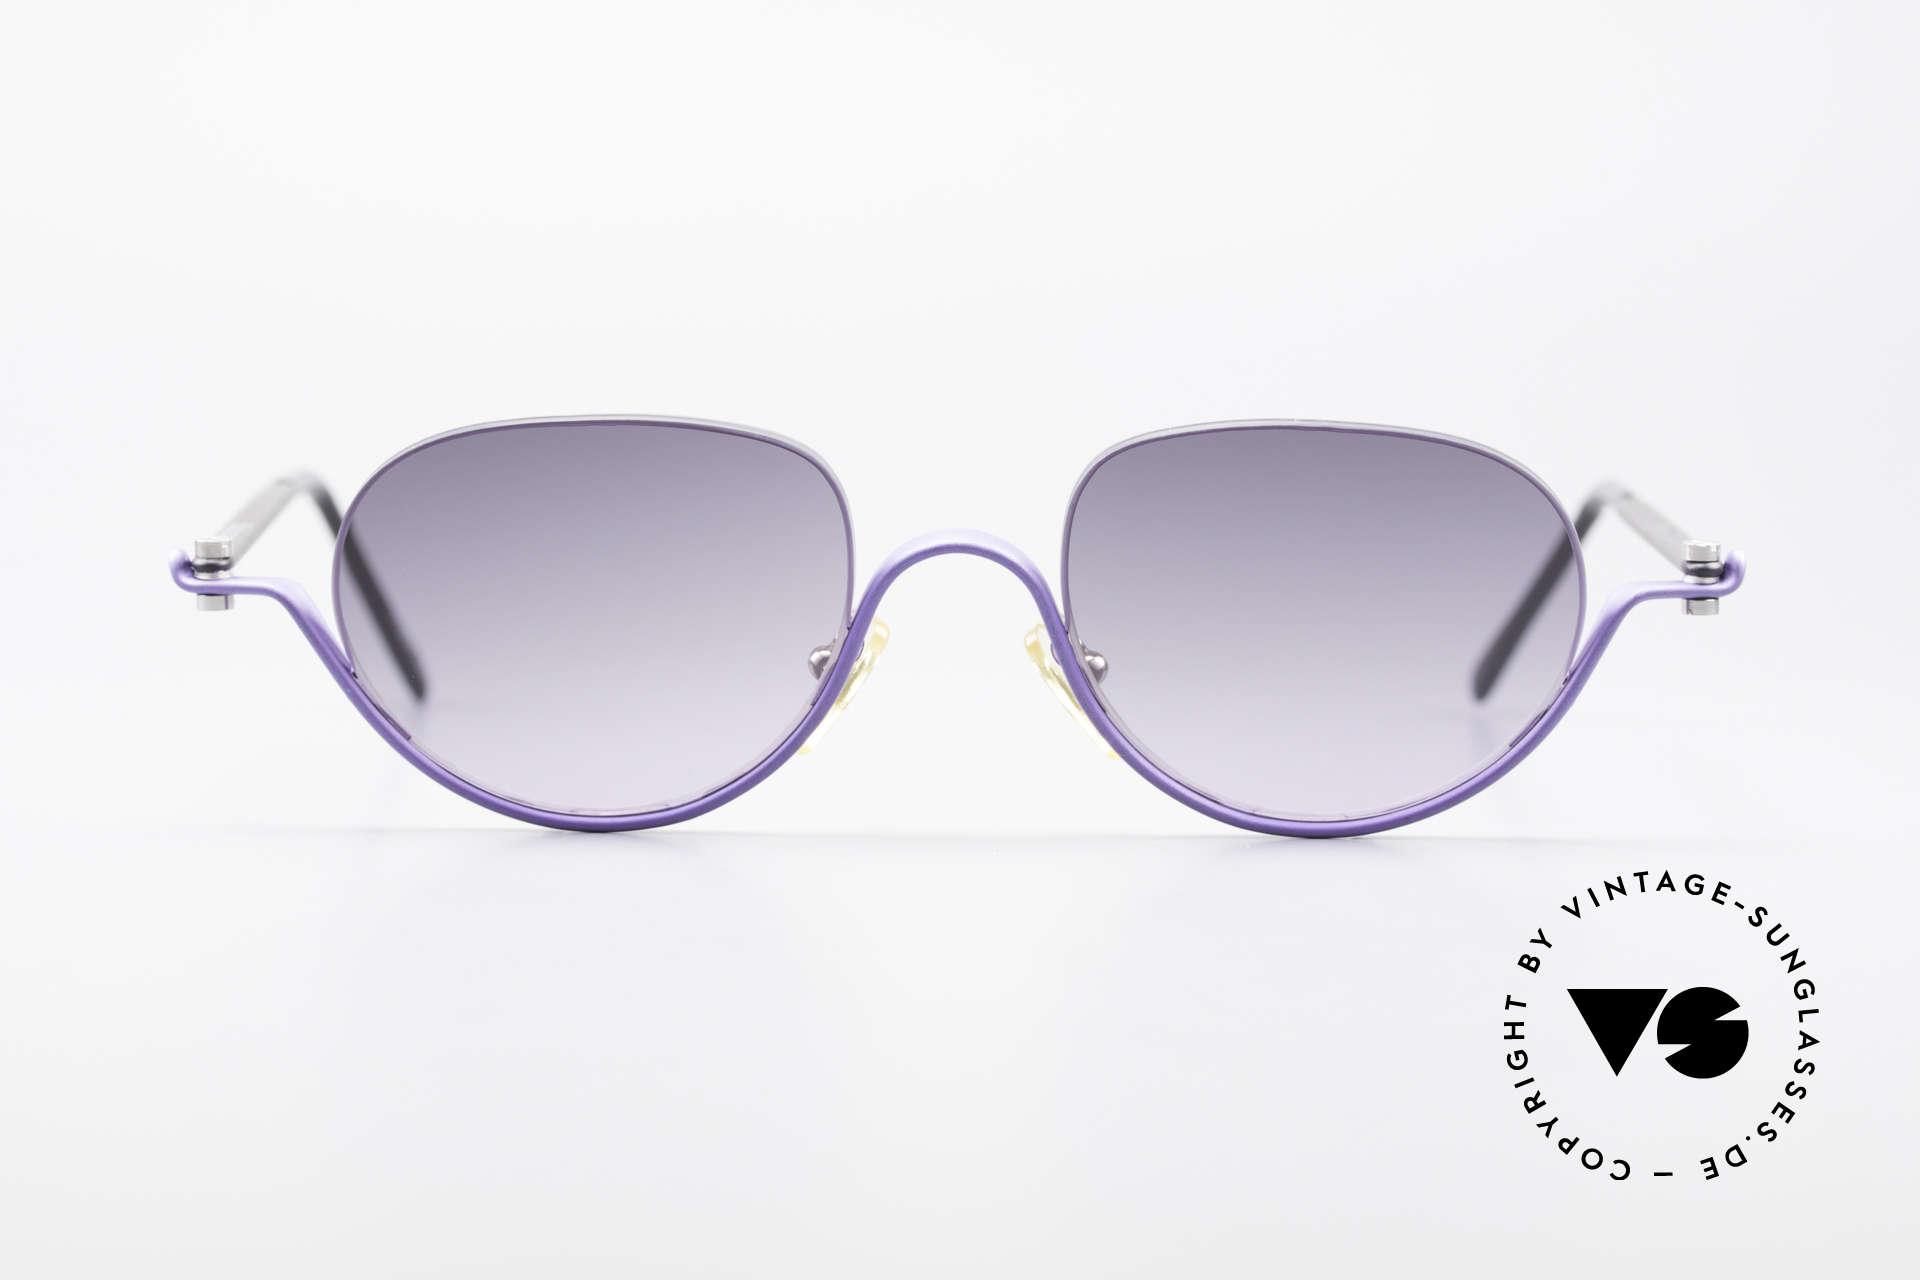 ProDesign No8 Gail Spence Design Brille, vintage Aluminium Fassung im Gail Spence Design, Passend für Damen